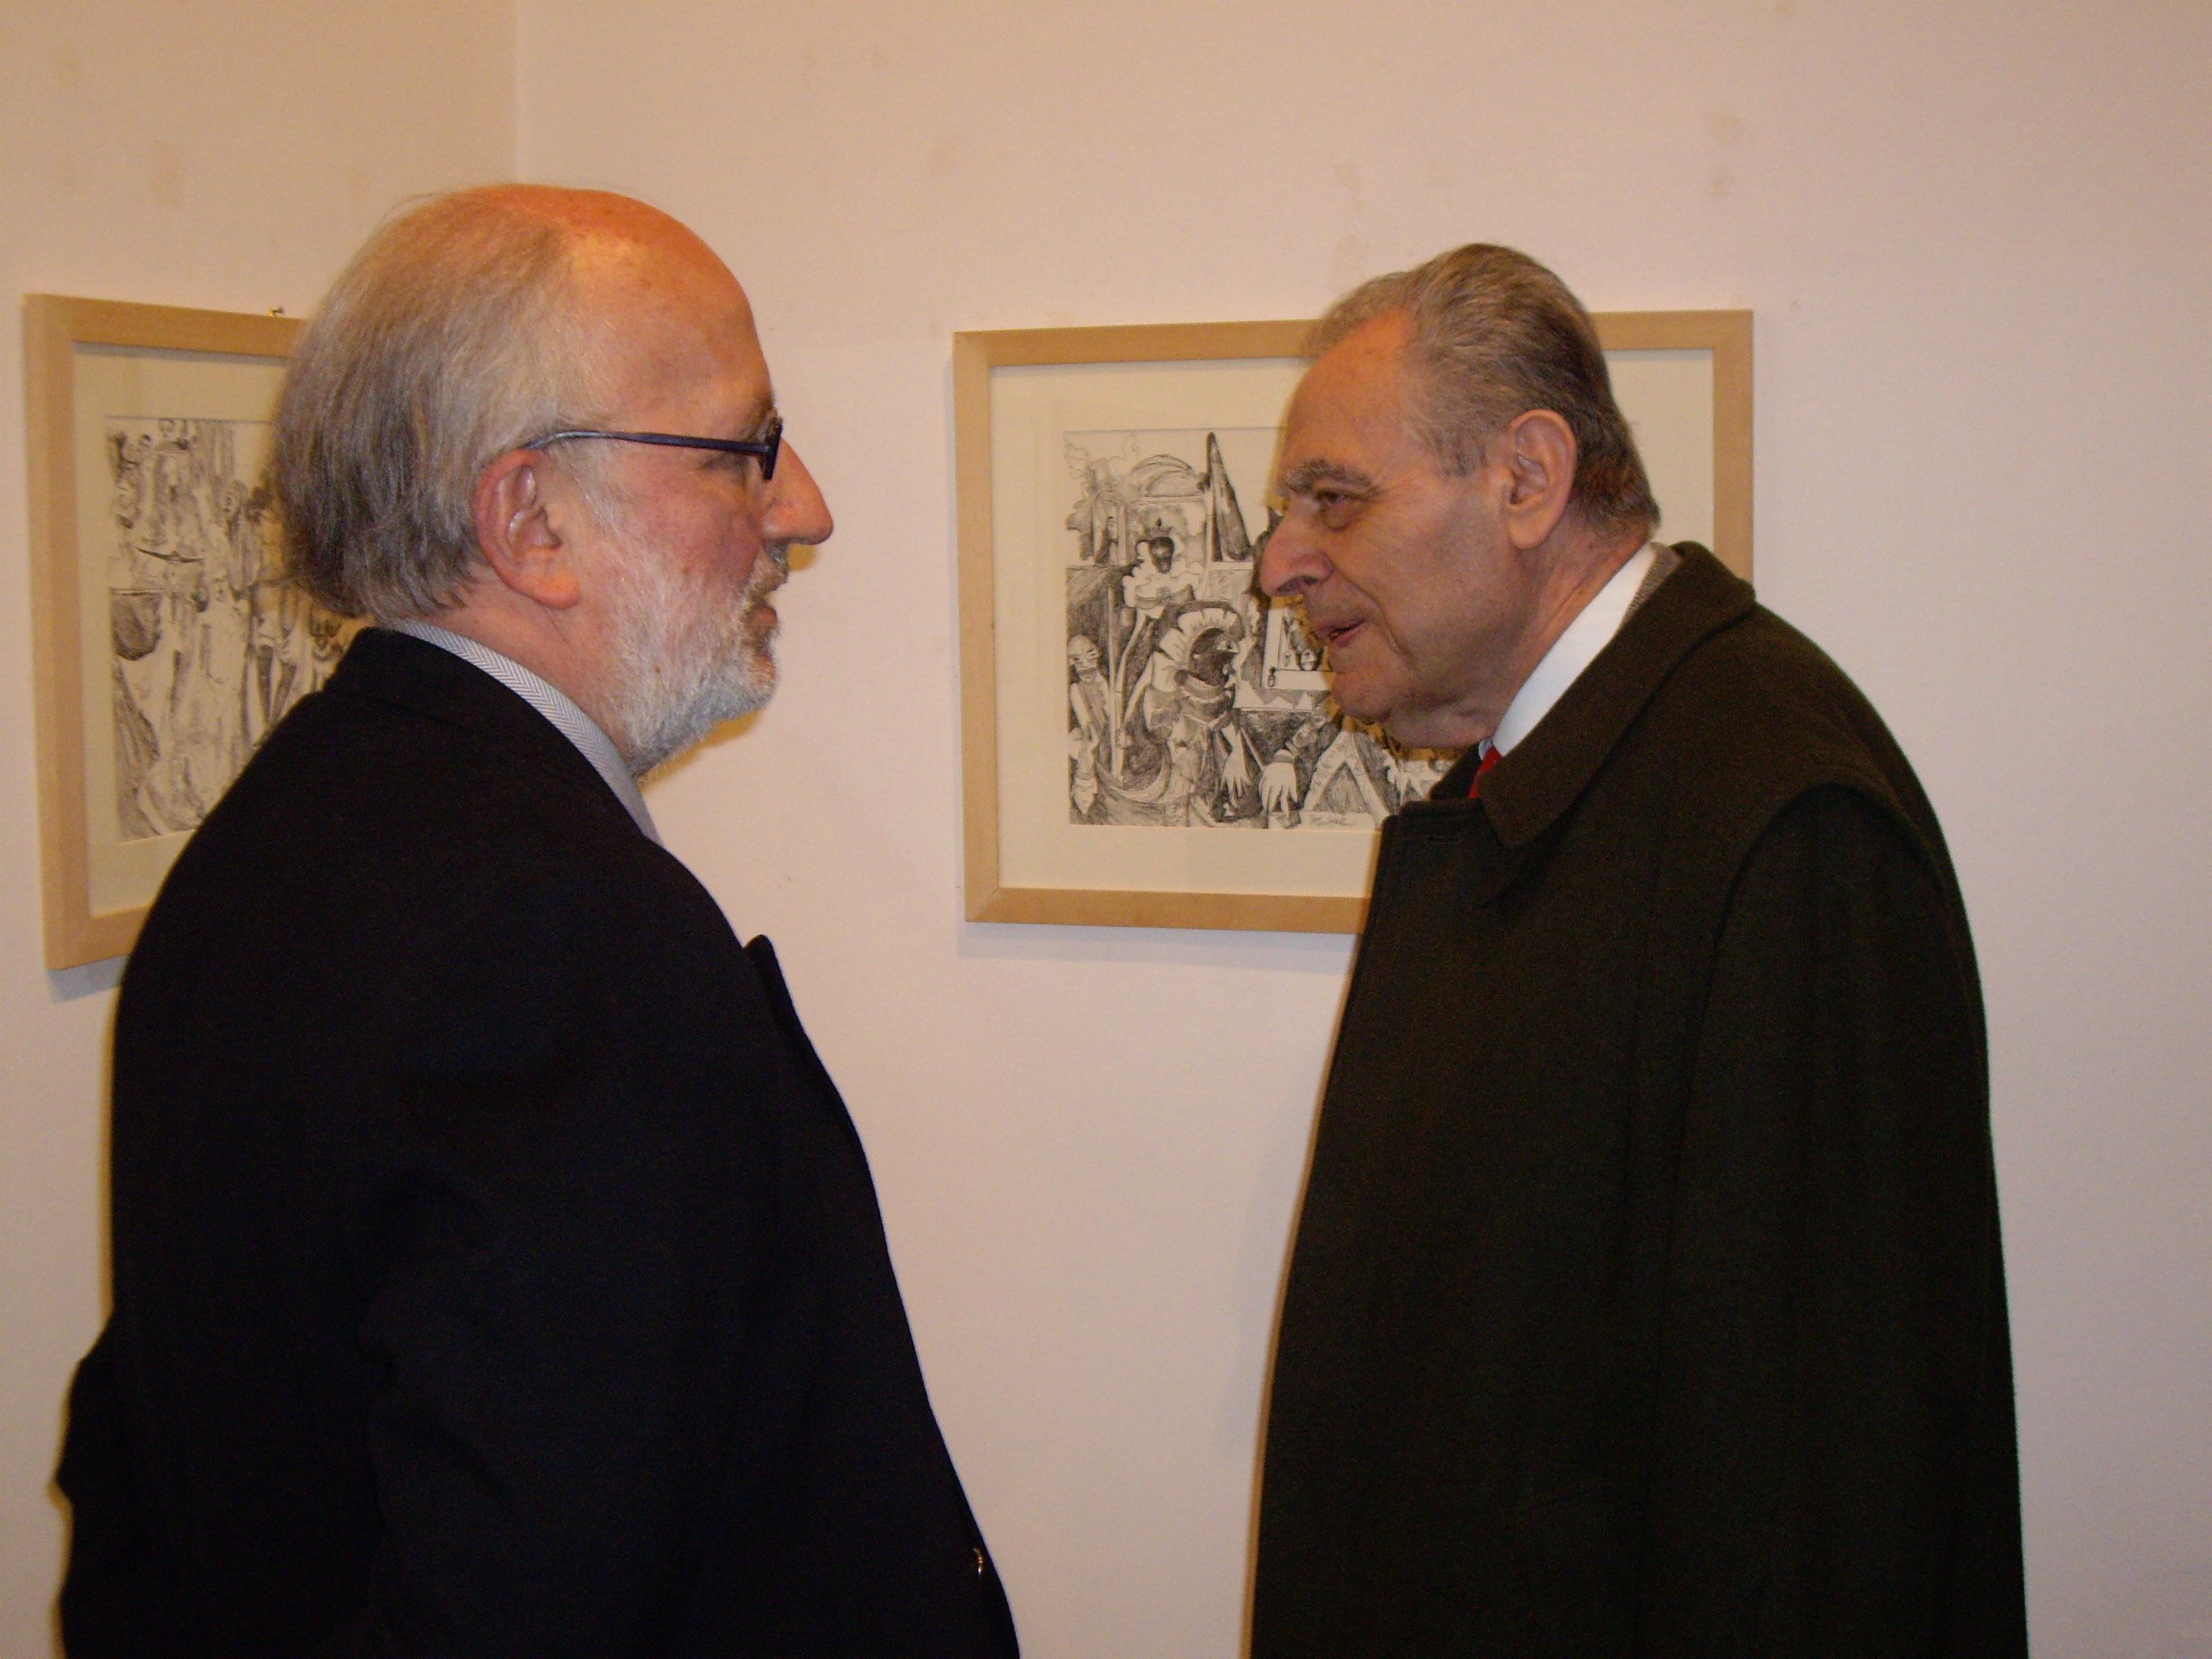 Cesare Segre at right